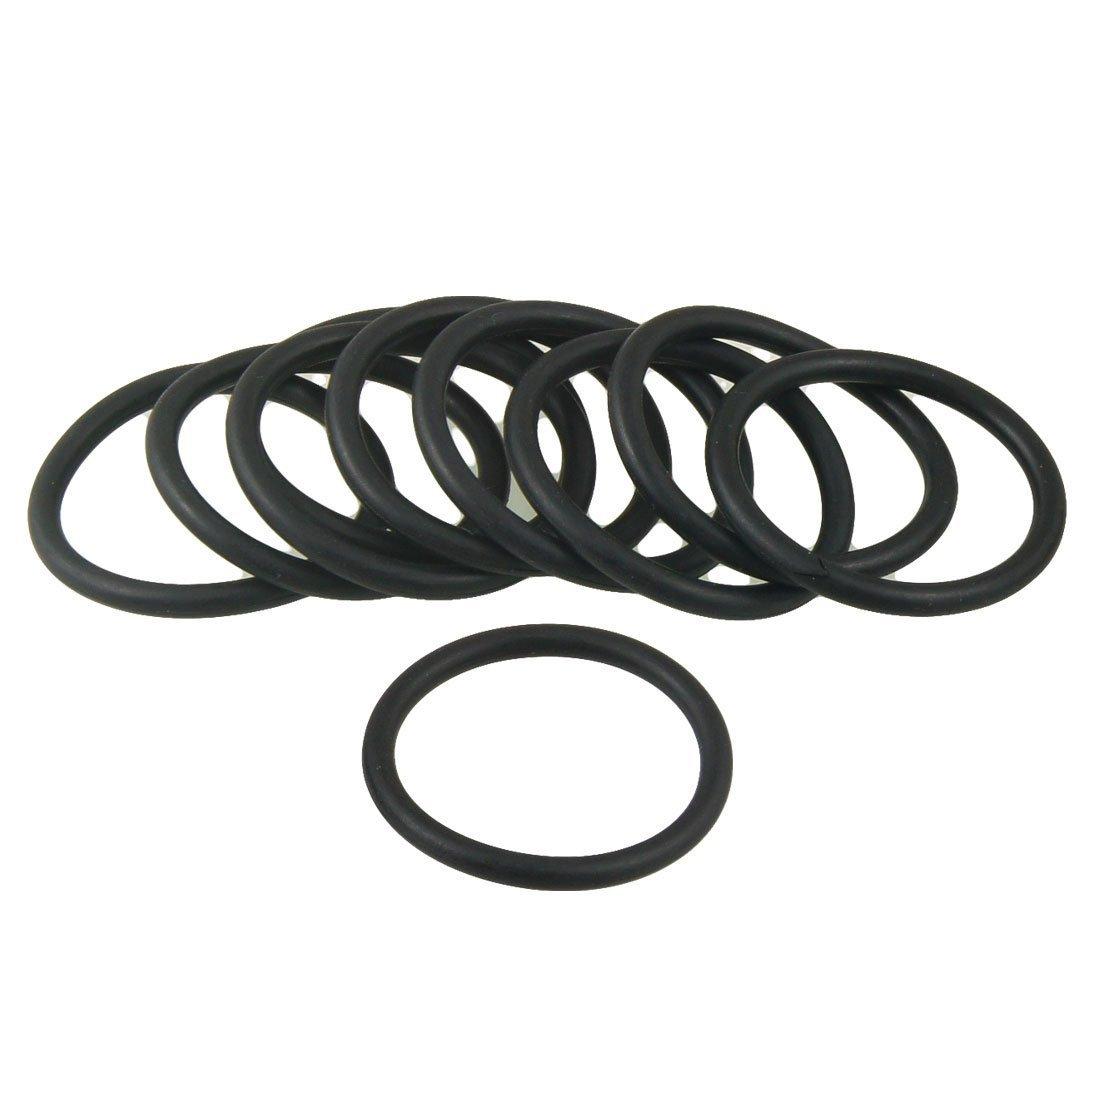 R TOOGOO O Ring 10 Stueck 28 mm x 3,5 mm schwarz Nitril-Butadien-Kautschuk O-Ringe Oil Seals Dichtungen